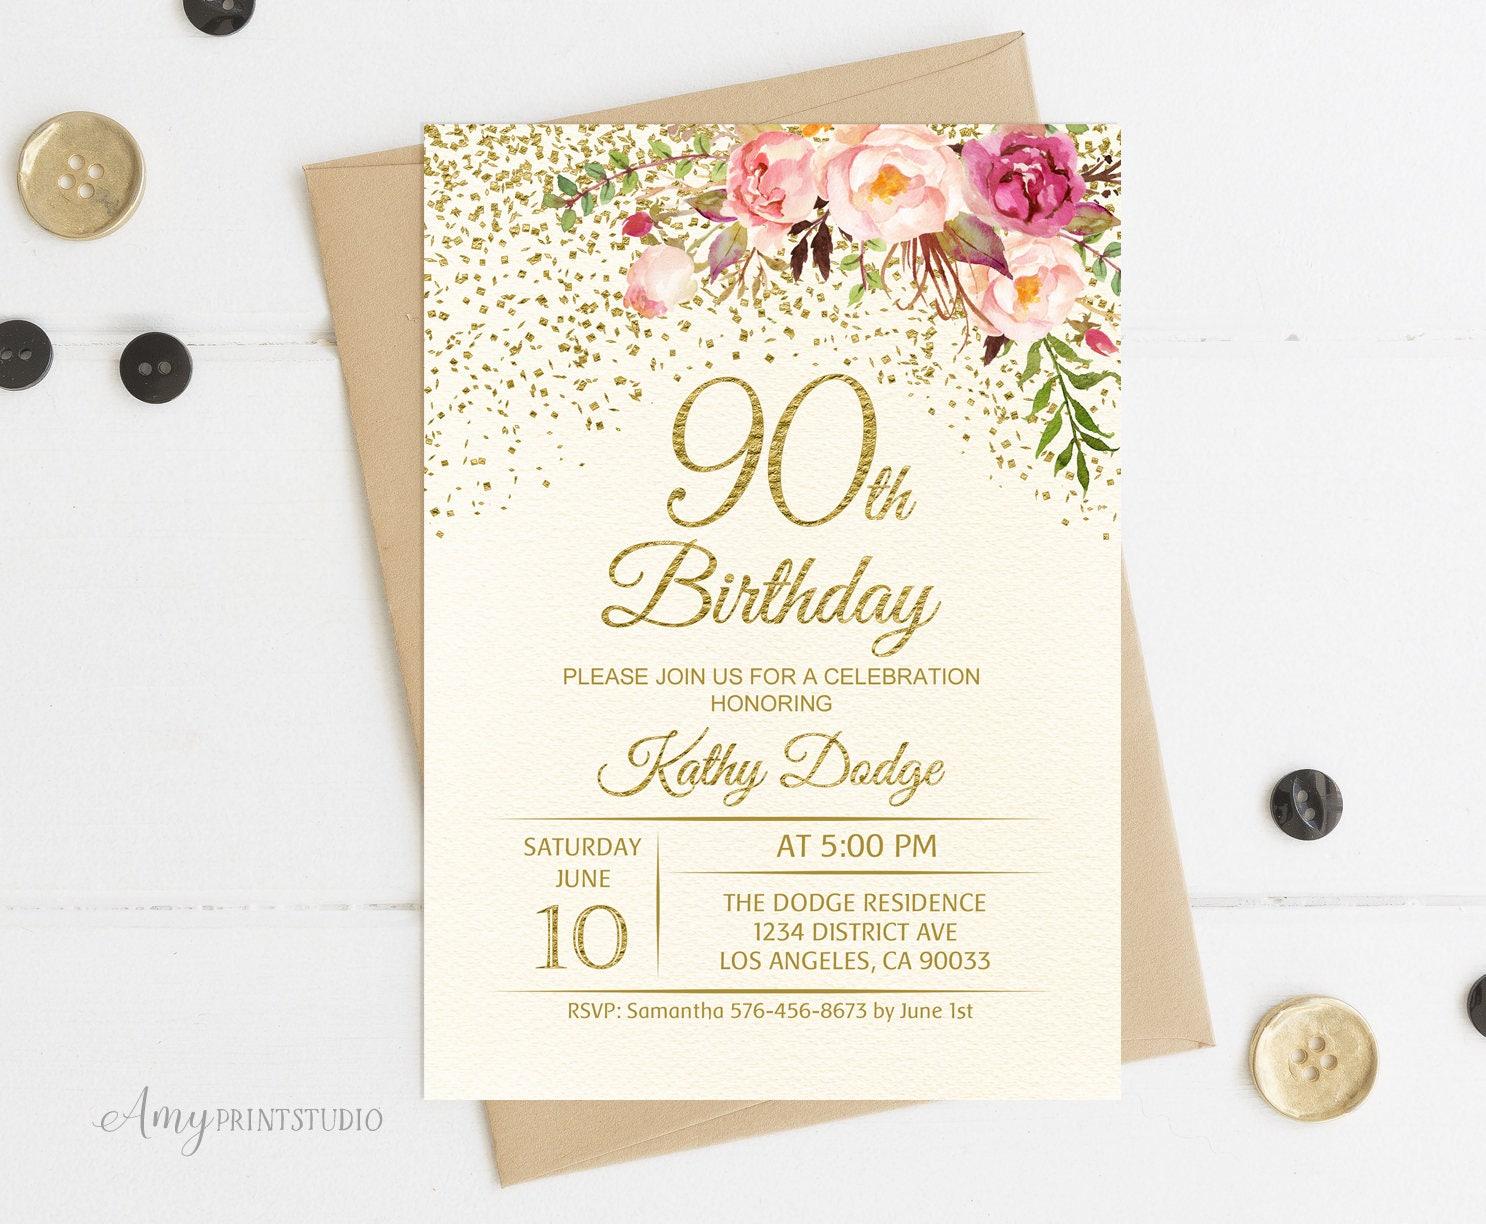 90th Birthday Invitation Floral Ivory Birthday Invitation | Etsy